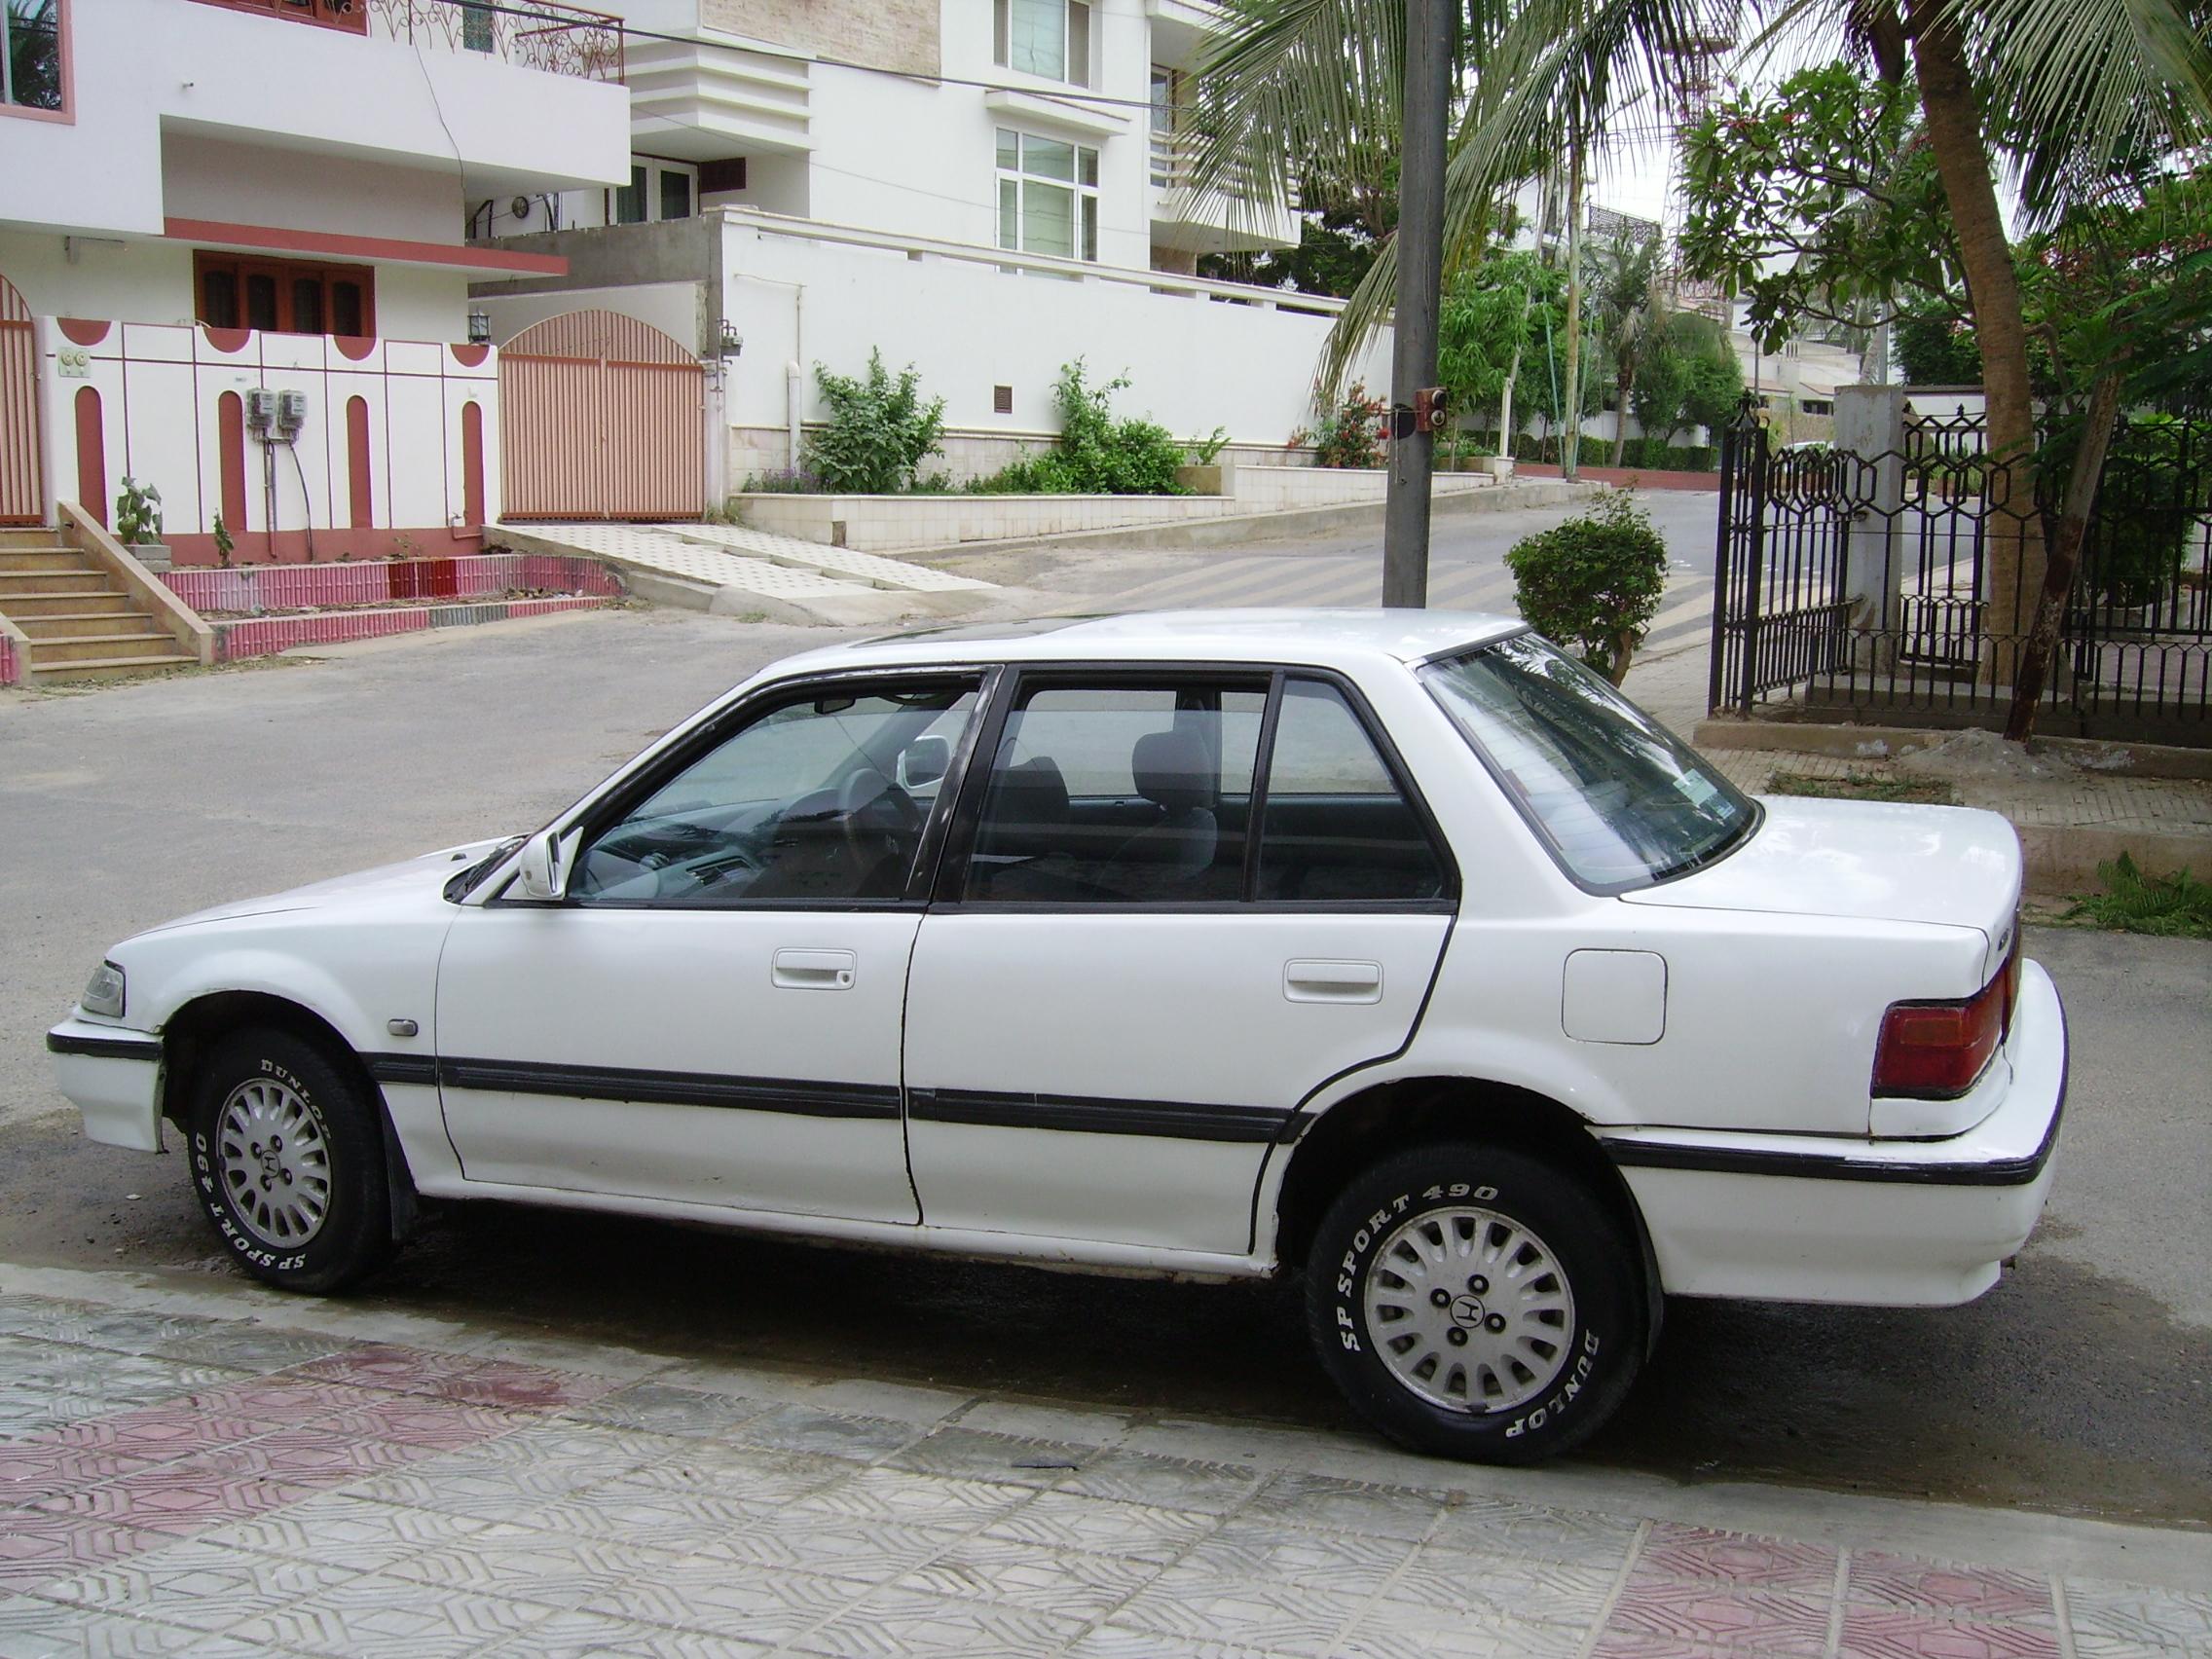 Honda Civic - 1991 civic Image-1